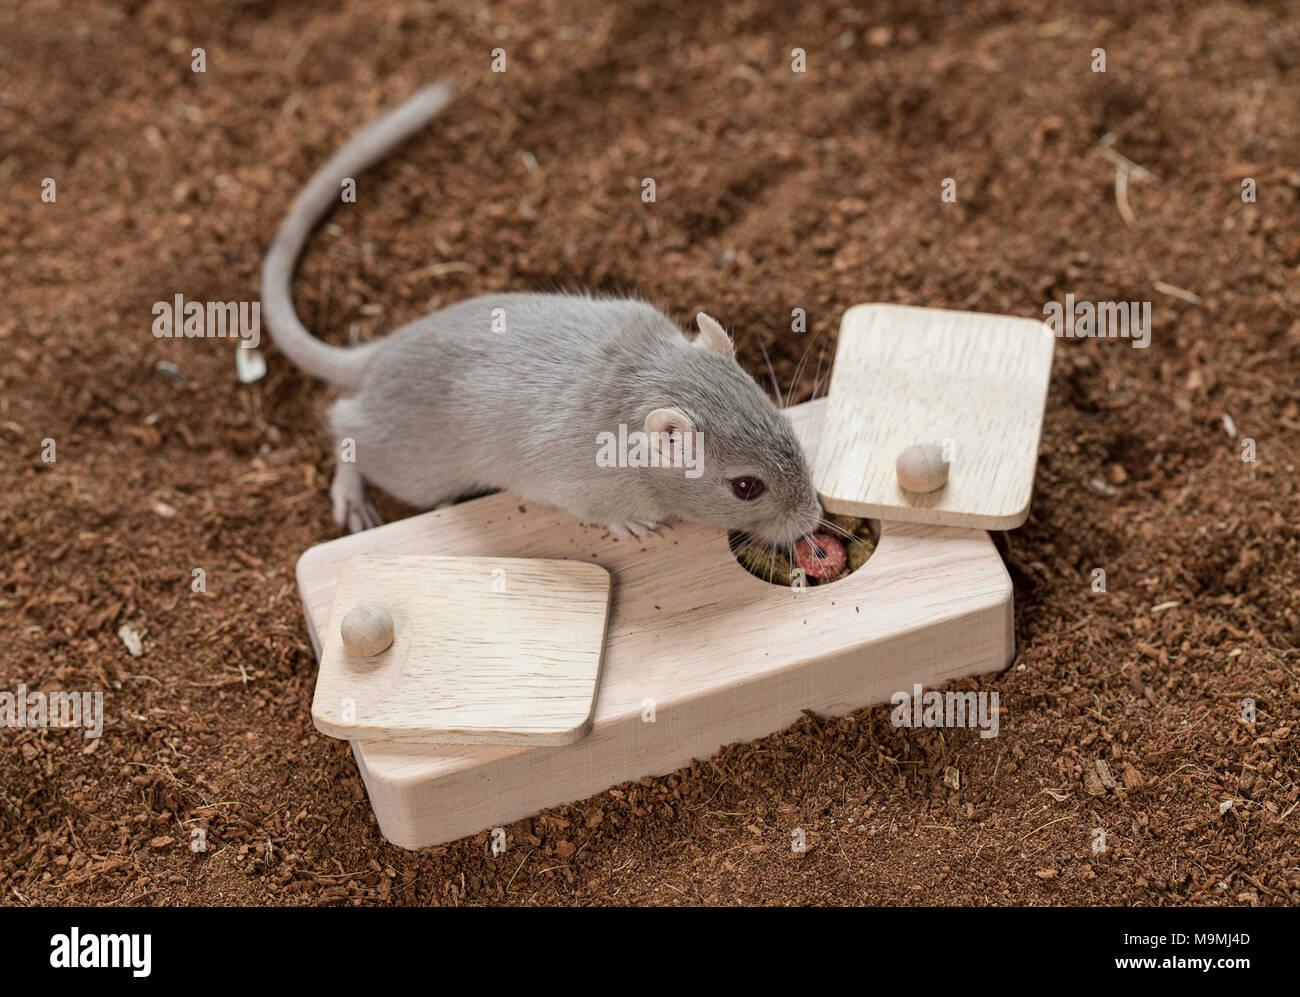 Häuslich Wüstenrennmaus (Meriones unguiculatus). Erwachsenen Spielzeug, das Essen los, wenn behandelt. Deutschland Stockbild